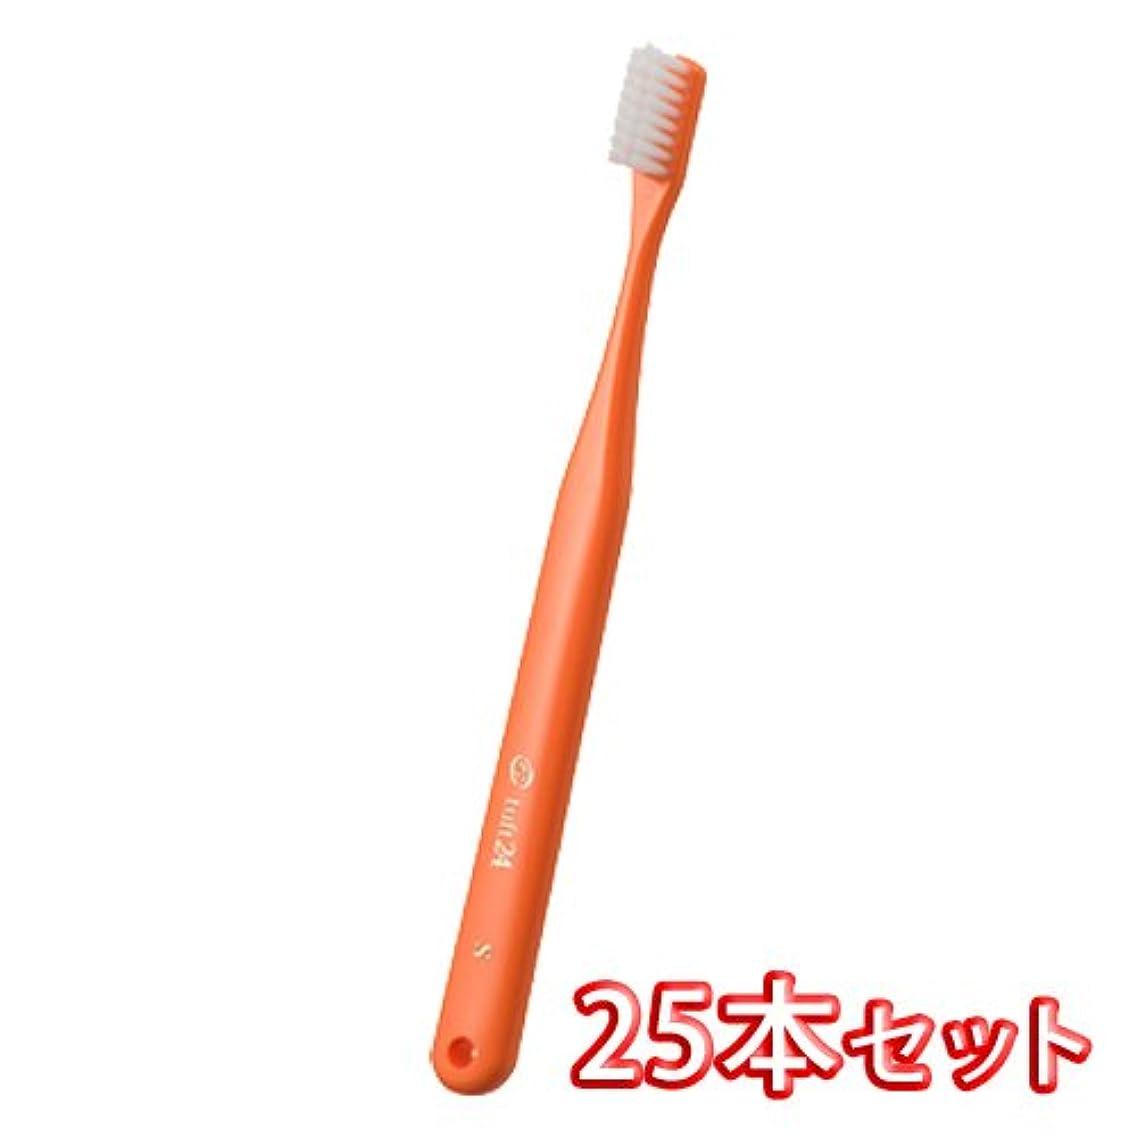 裸セールスマン何オーラルケア キャップ付き タフト 24 歯ブラシ 25本入 ミディアムハード MH (オレンジ)